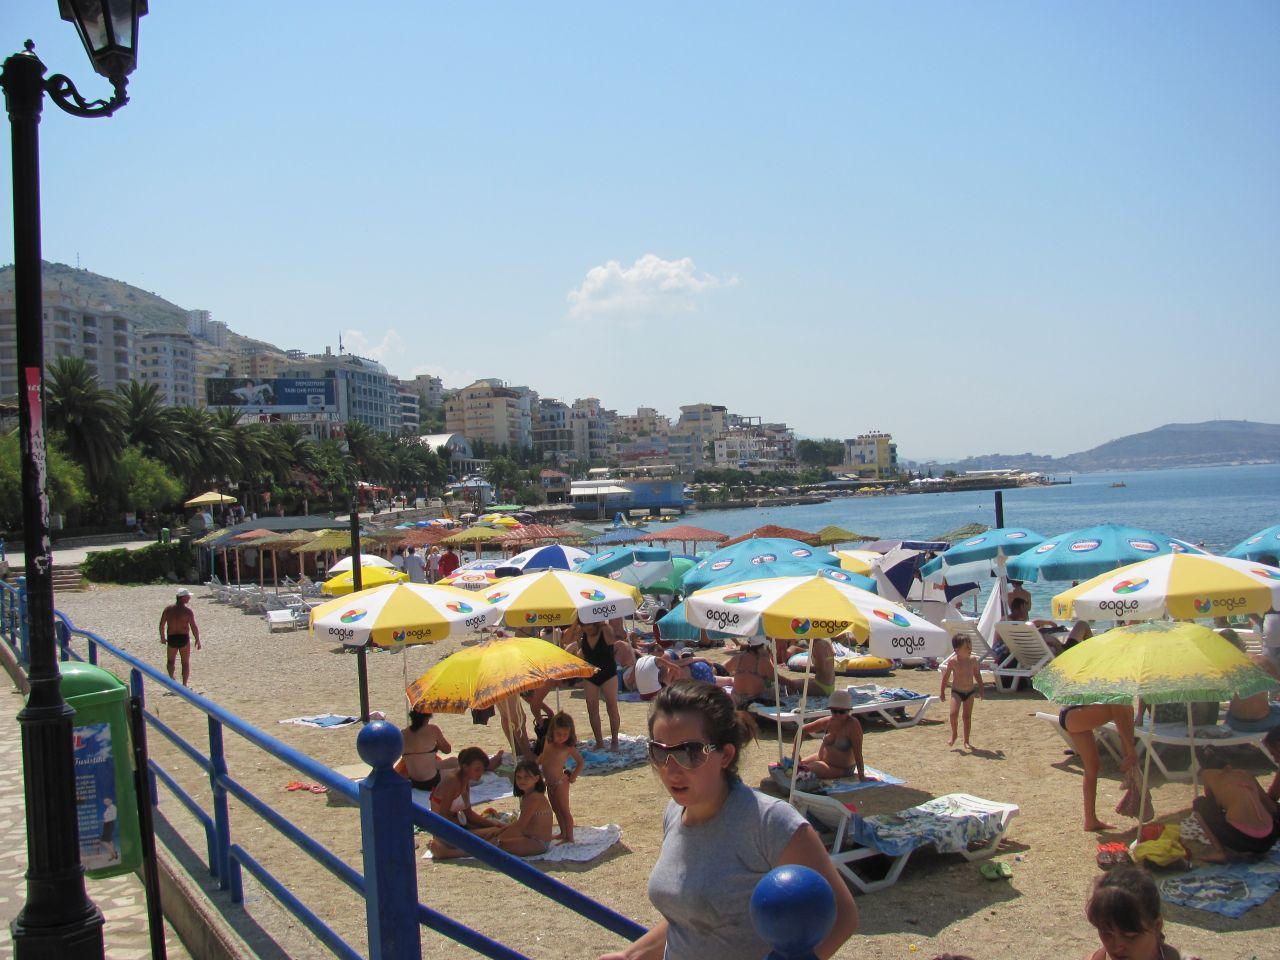 L'Albania si prepara nuova legge sul turismo. Governo albanese prevede di aumentare le entrate.